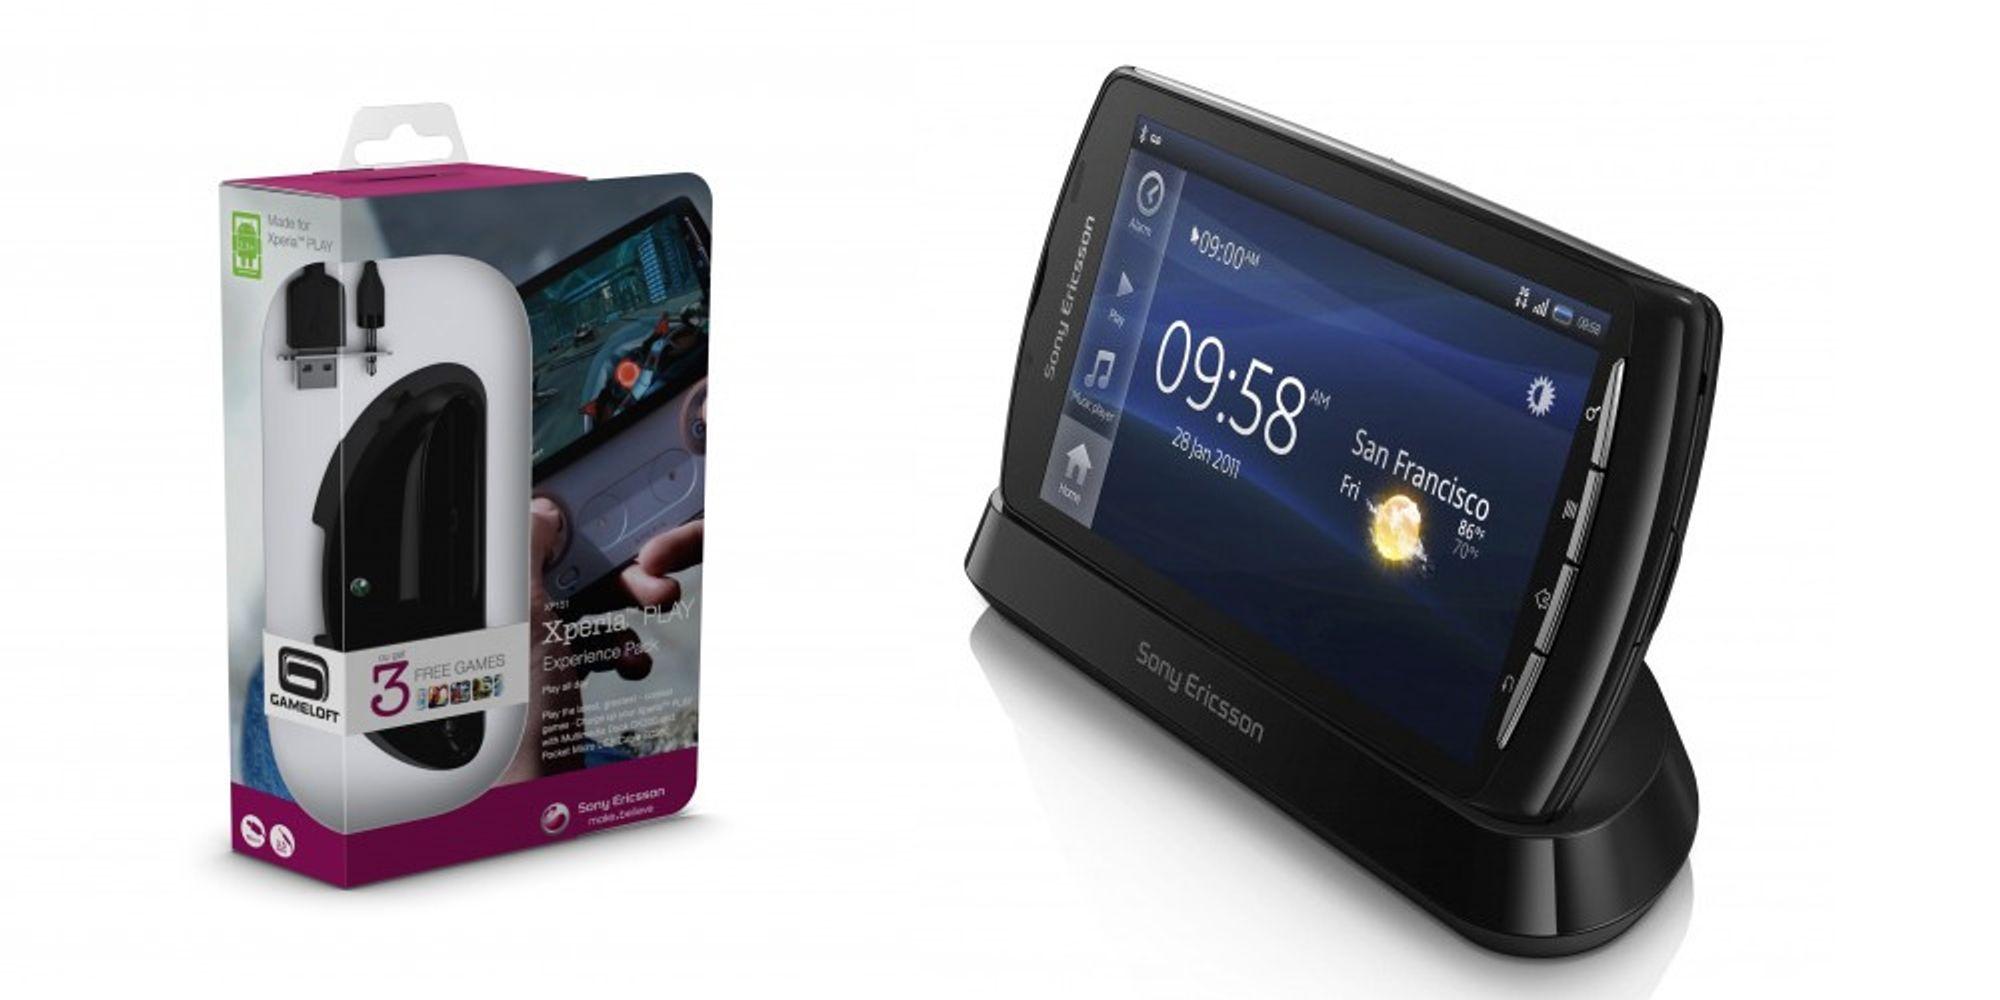 Sony Ericsson med tilleggspakke til Xperia Play